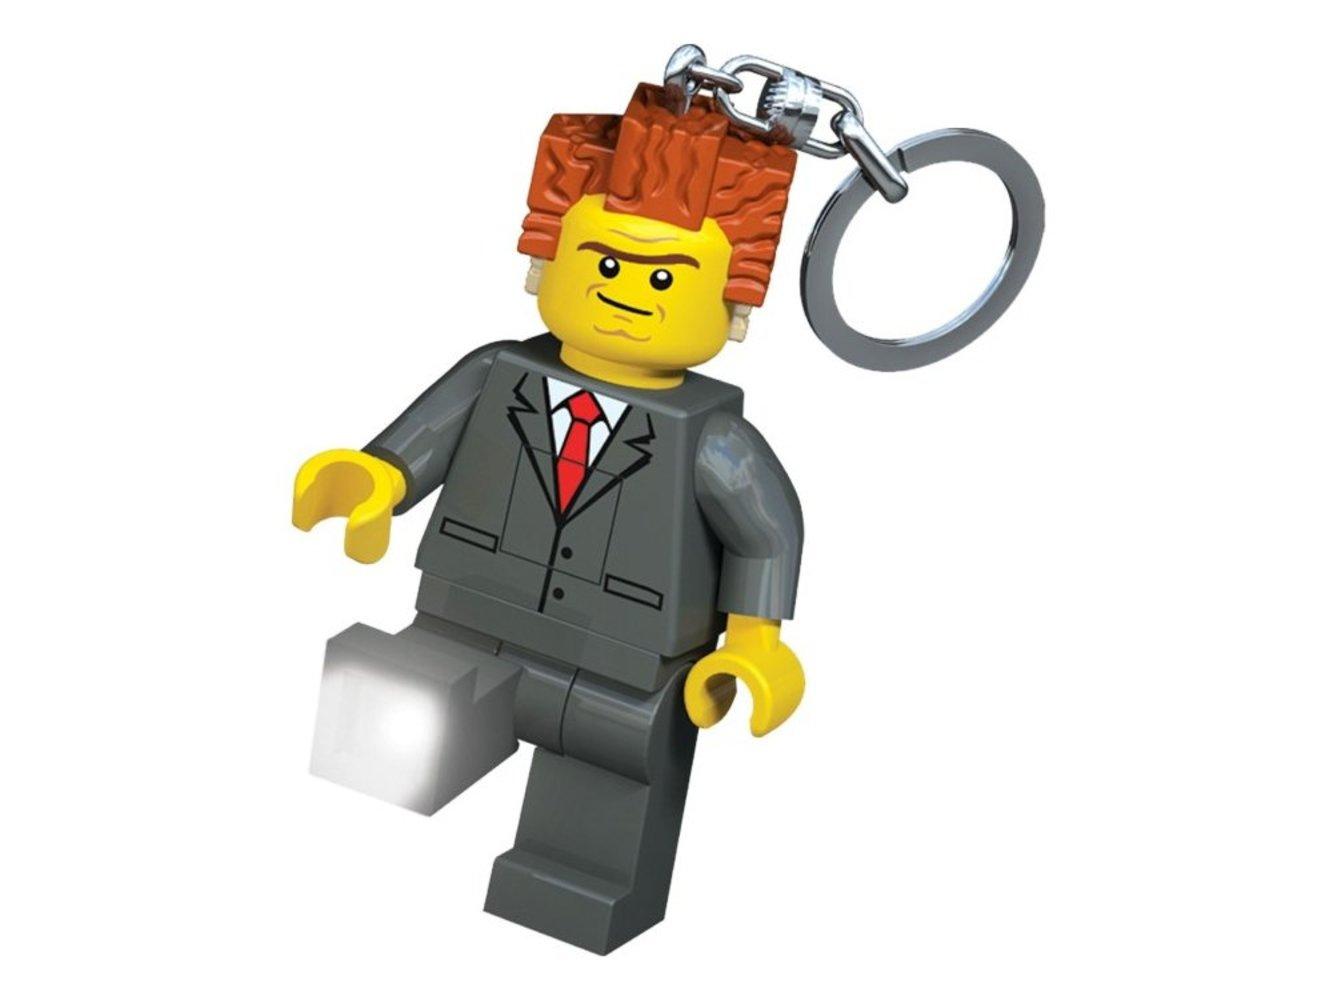 President Business Key Light